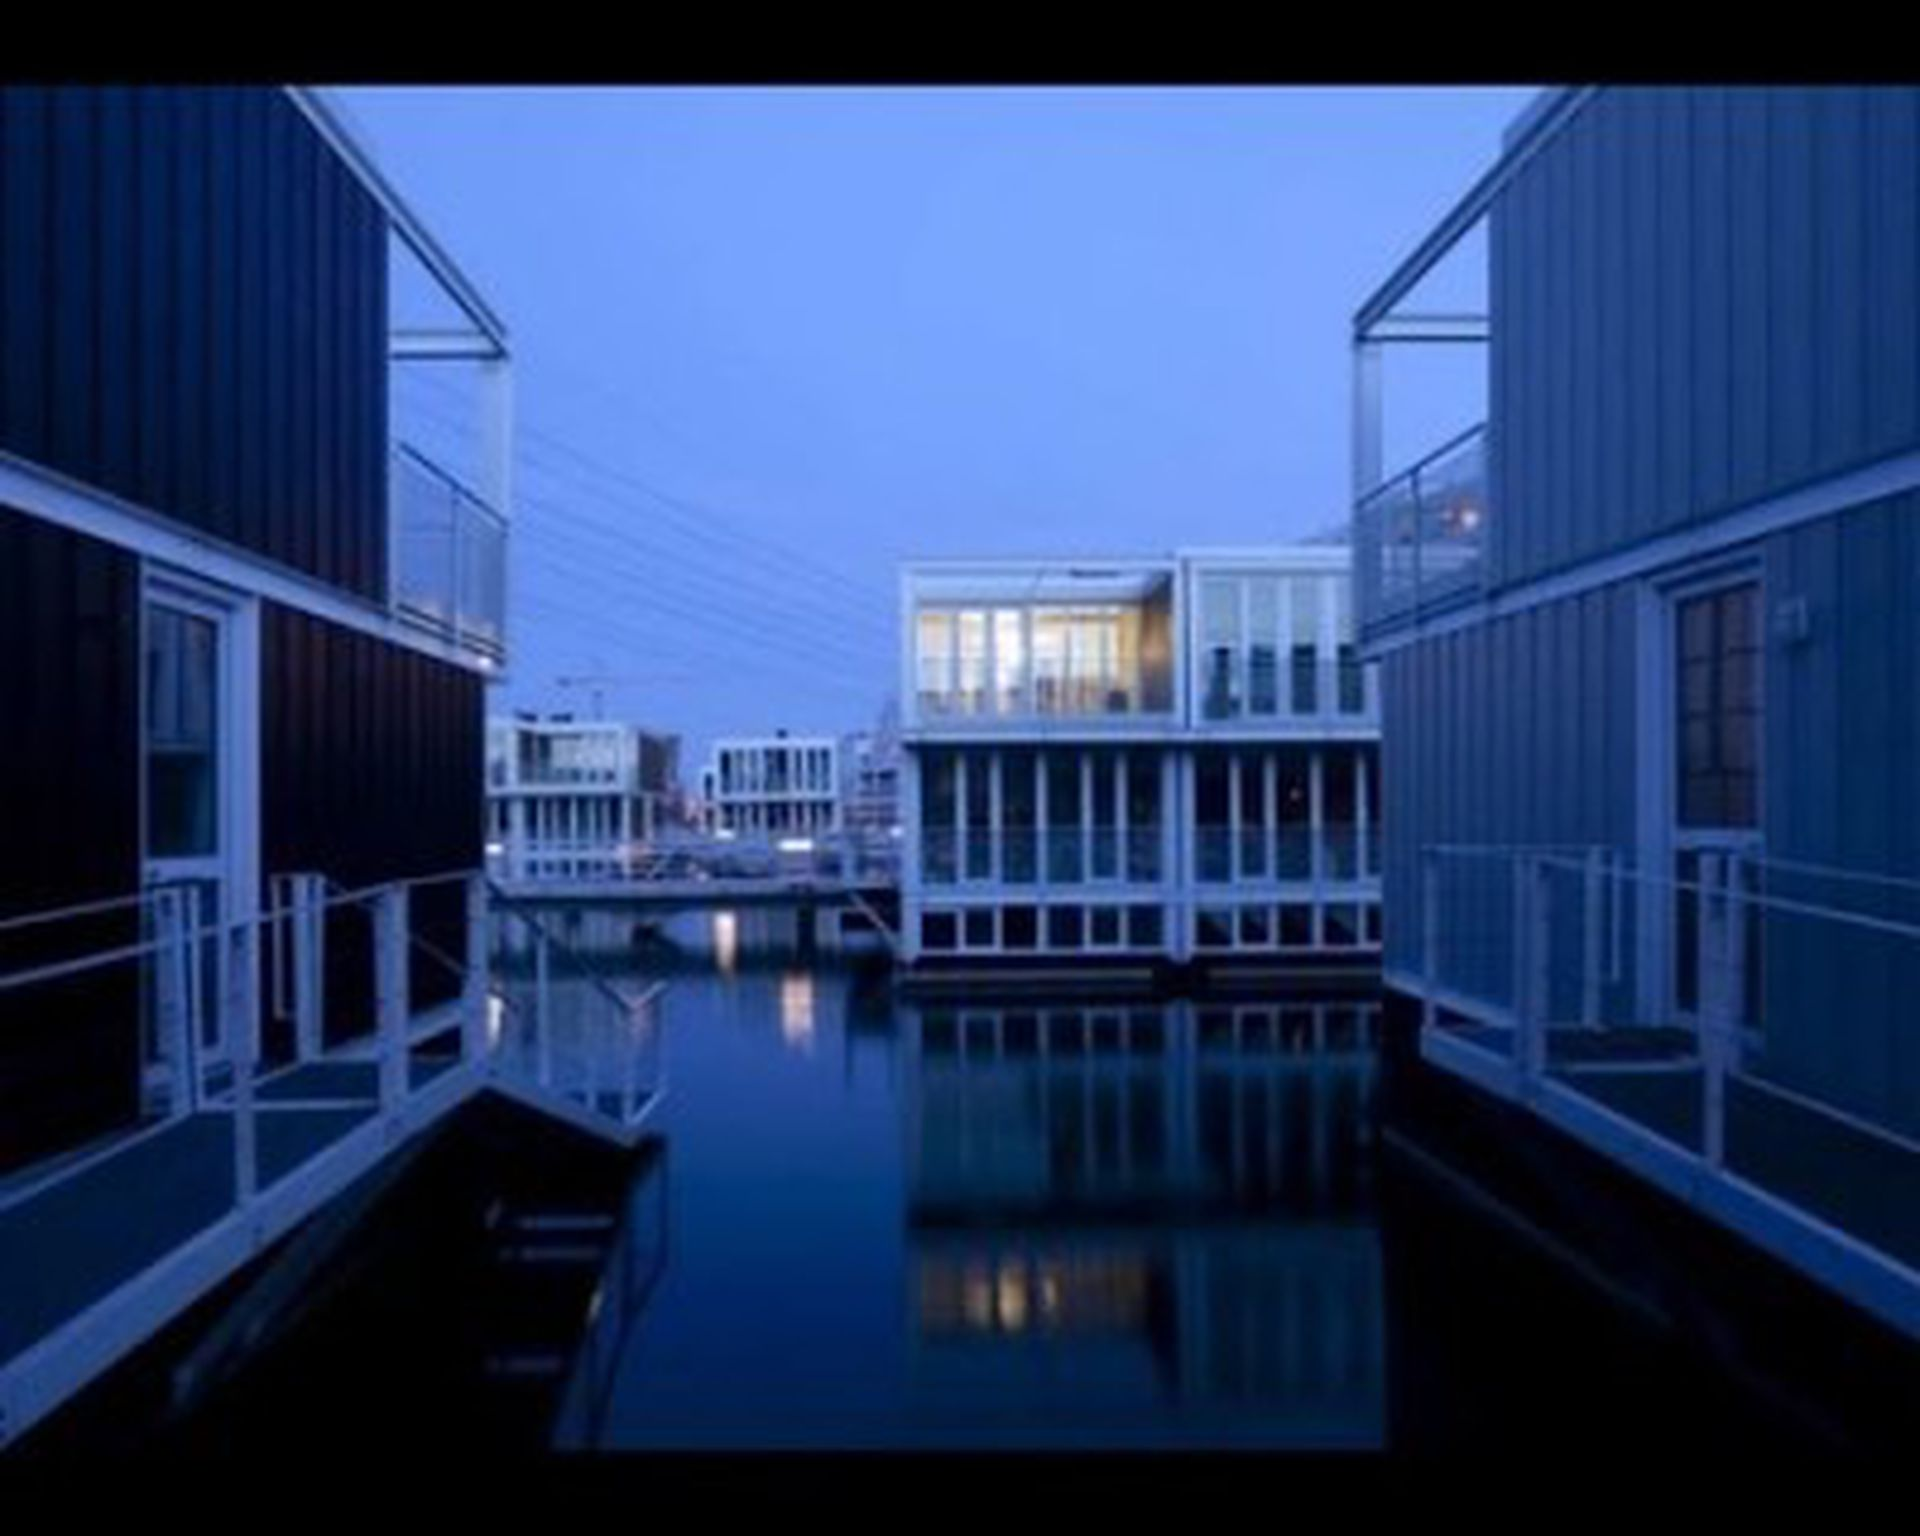 Las casas se ensamblan formando una moderna construcción que se adapta a diferentes paisajes